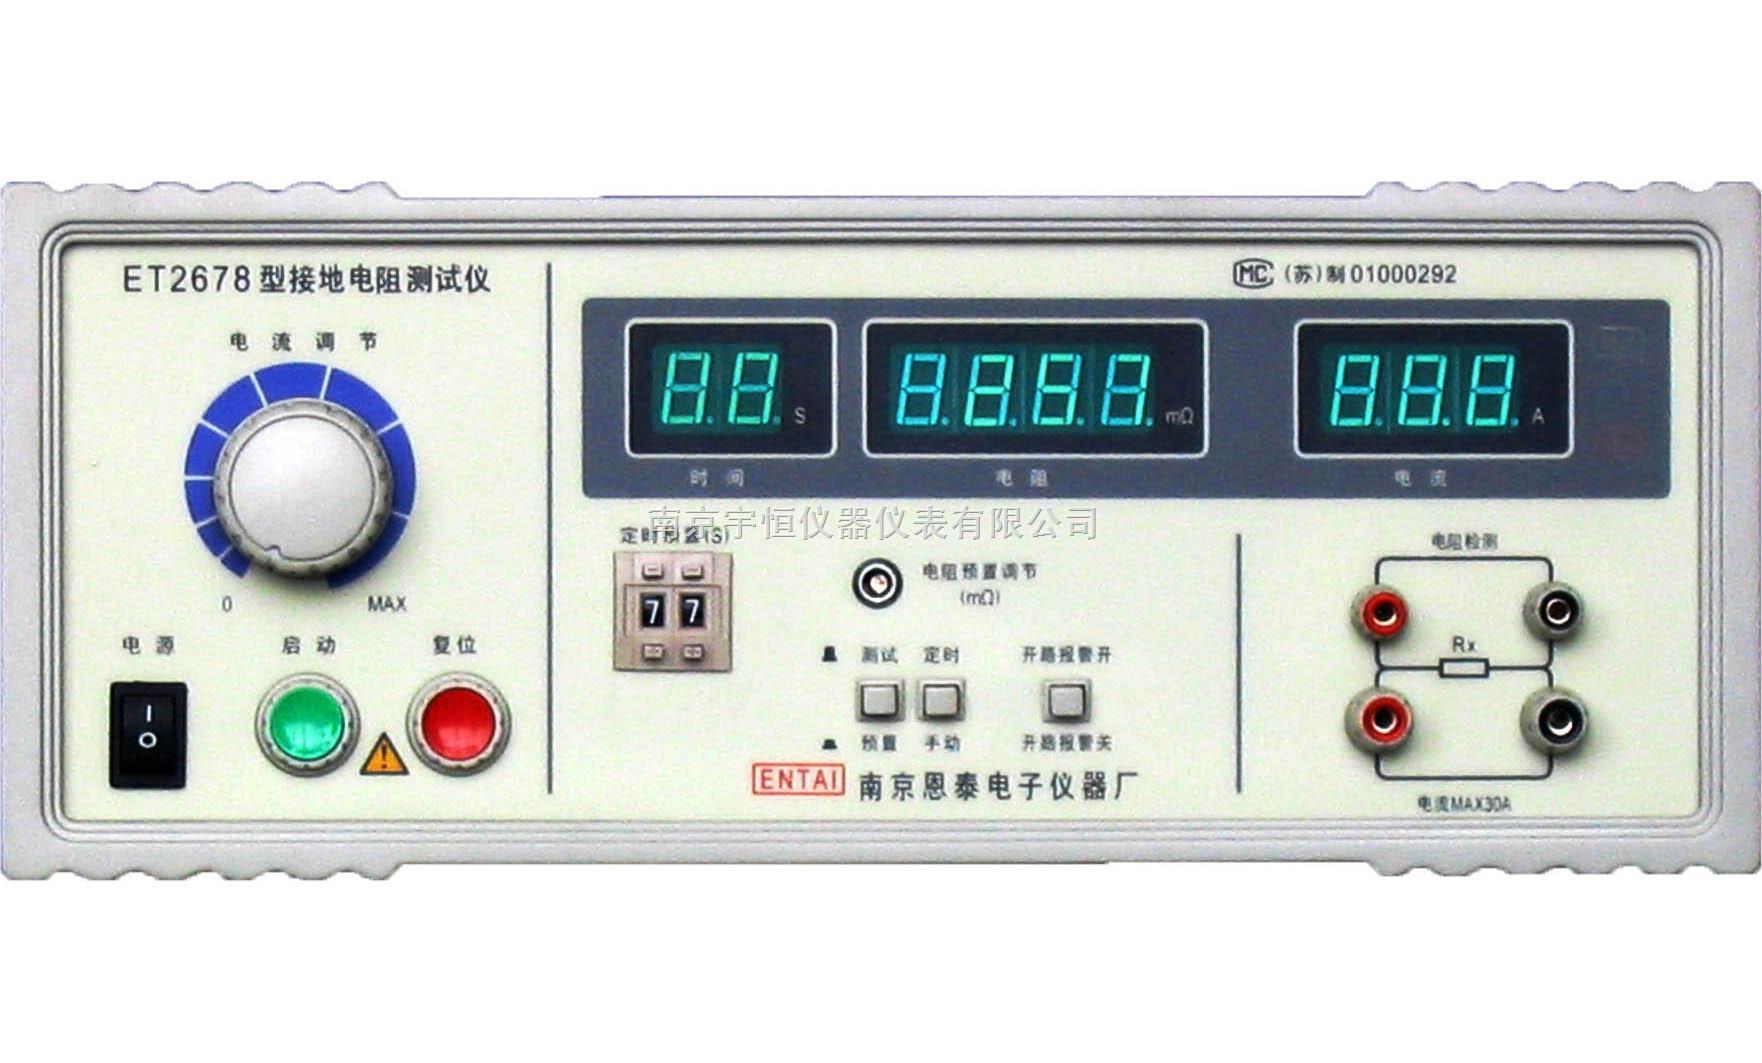 et2678 型接地电阻测试仪